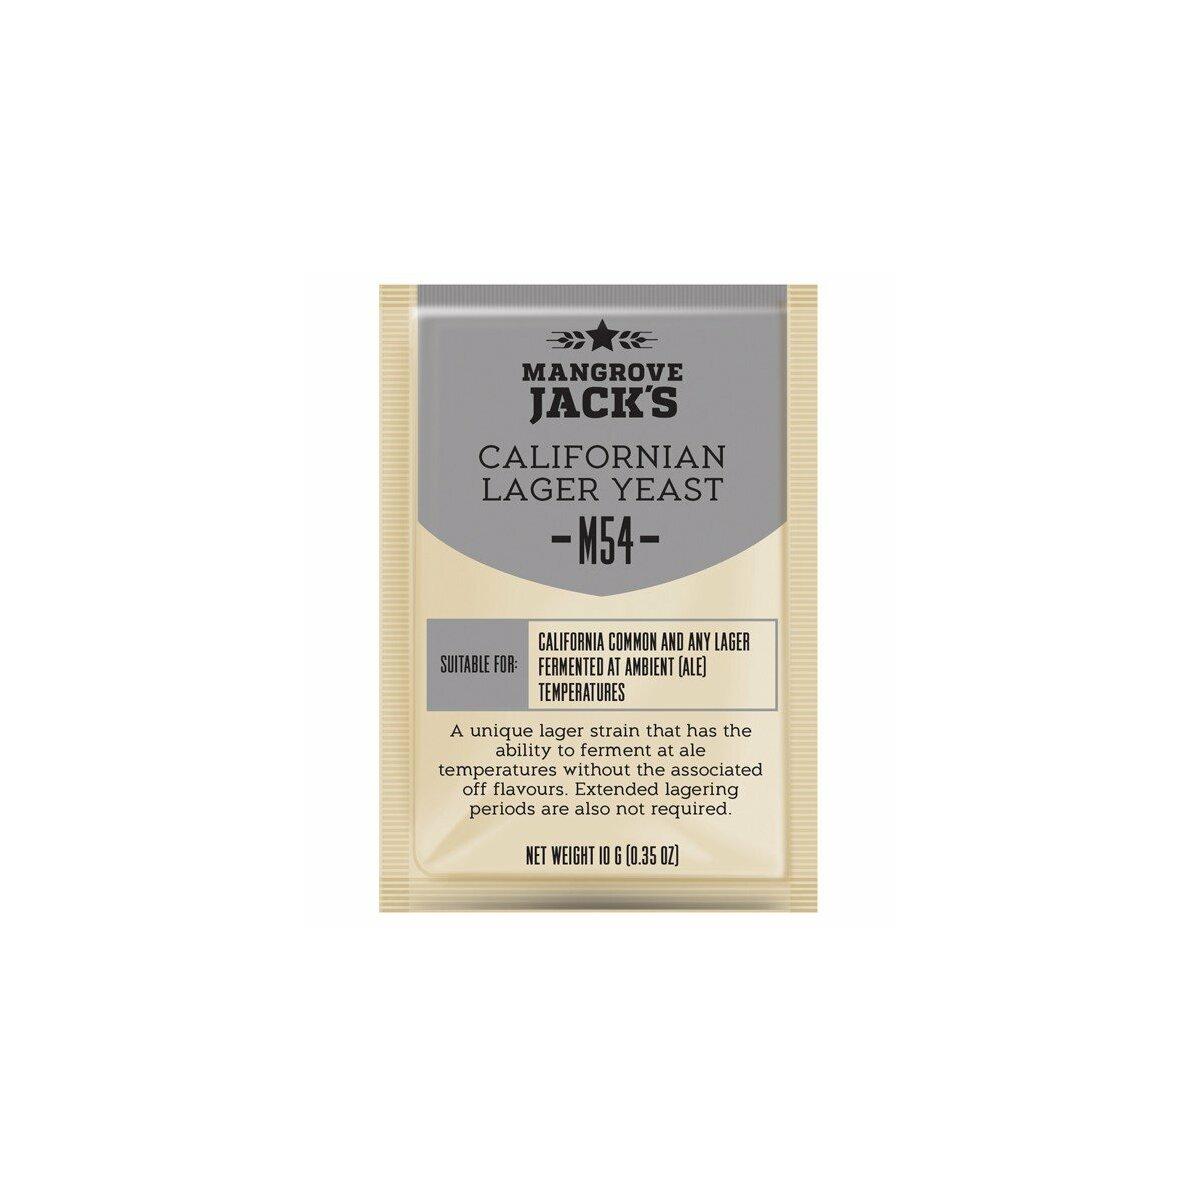 Mangrove Jack's M54 California Lager 10 g